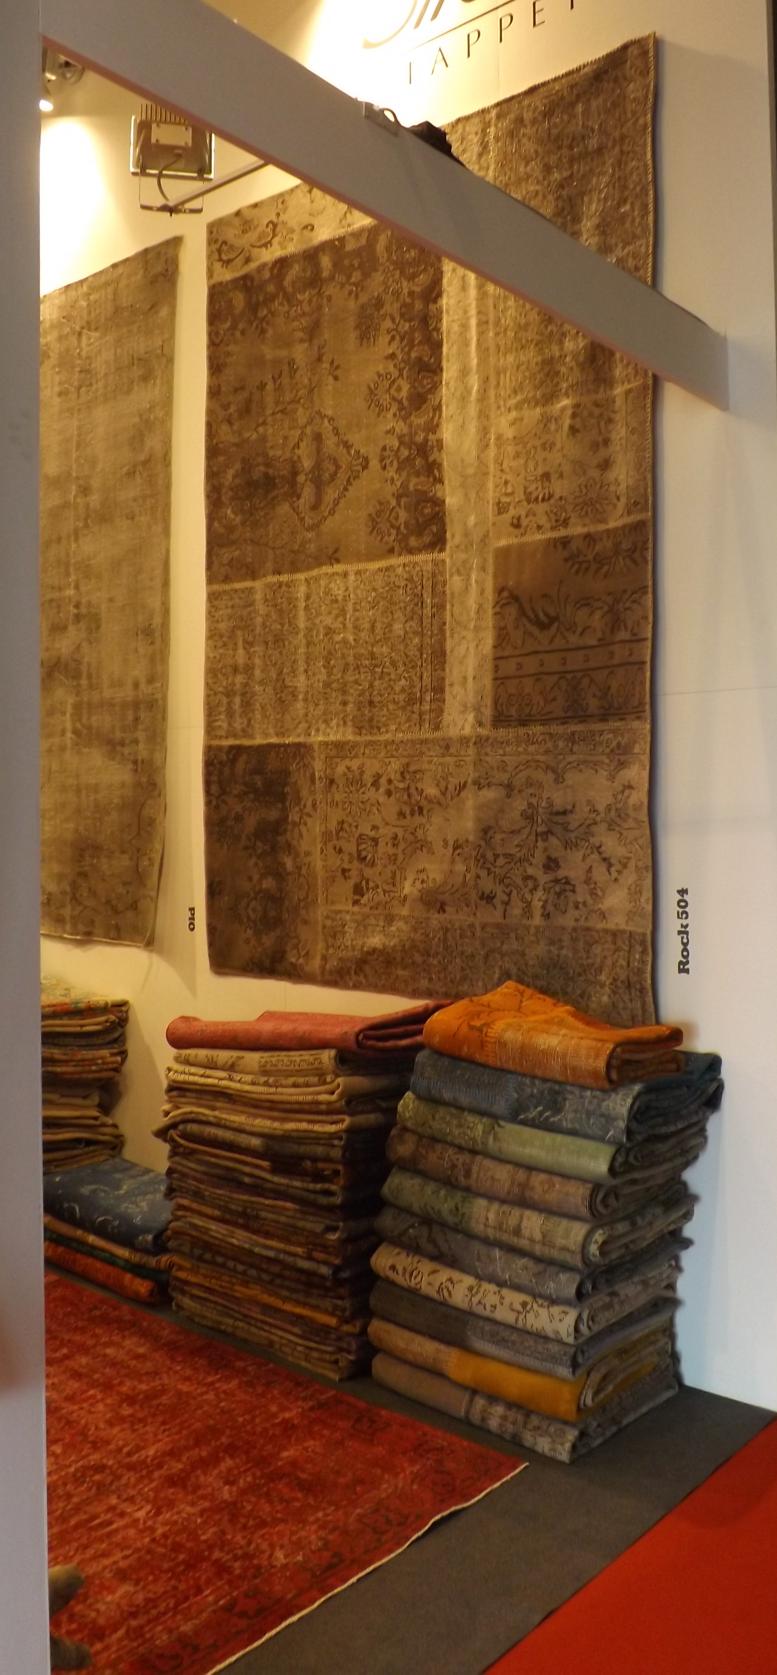 Tendència 5 en mobiliari i decoració: Tocs envellits o gastats en teixits i catifes. Un article de @SeseJover